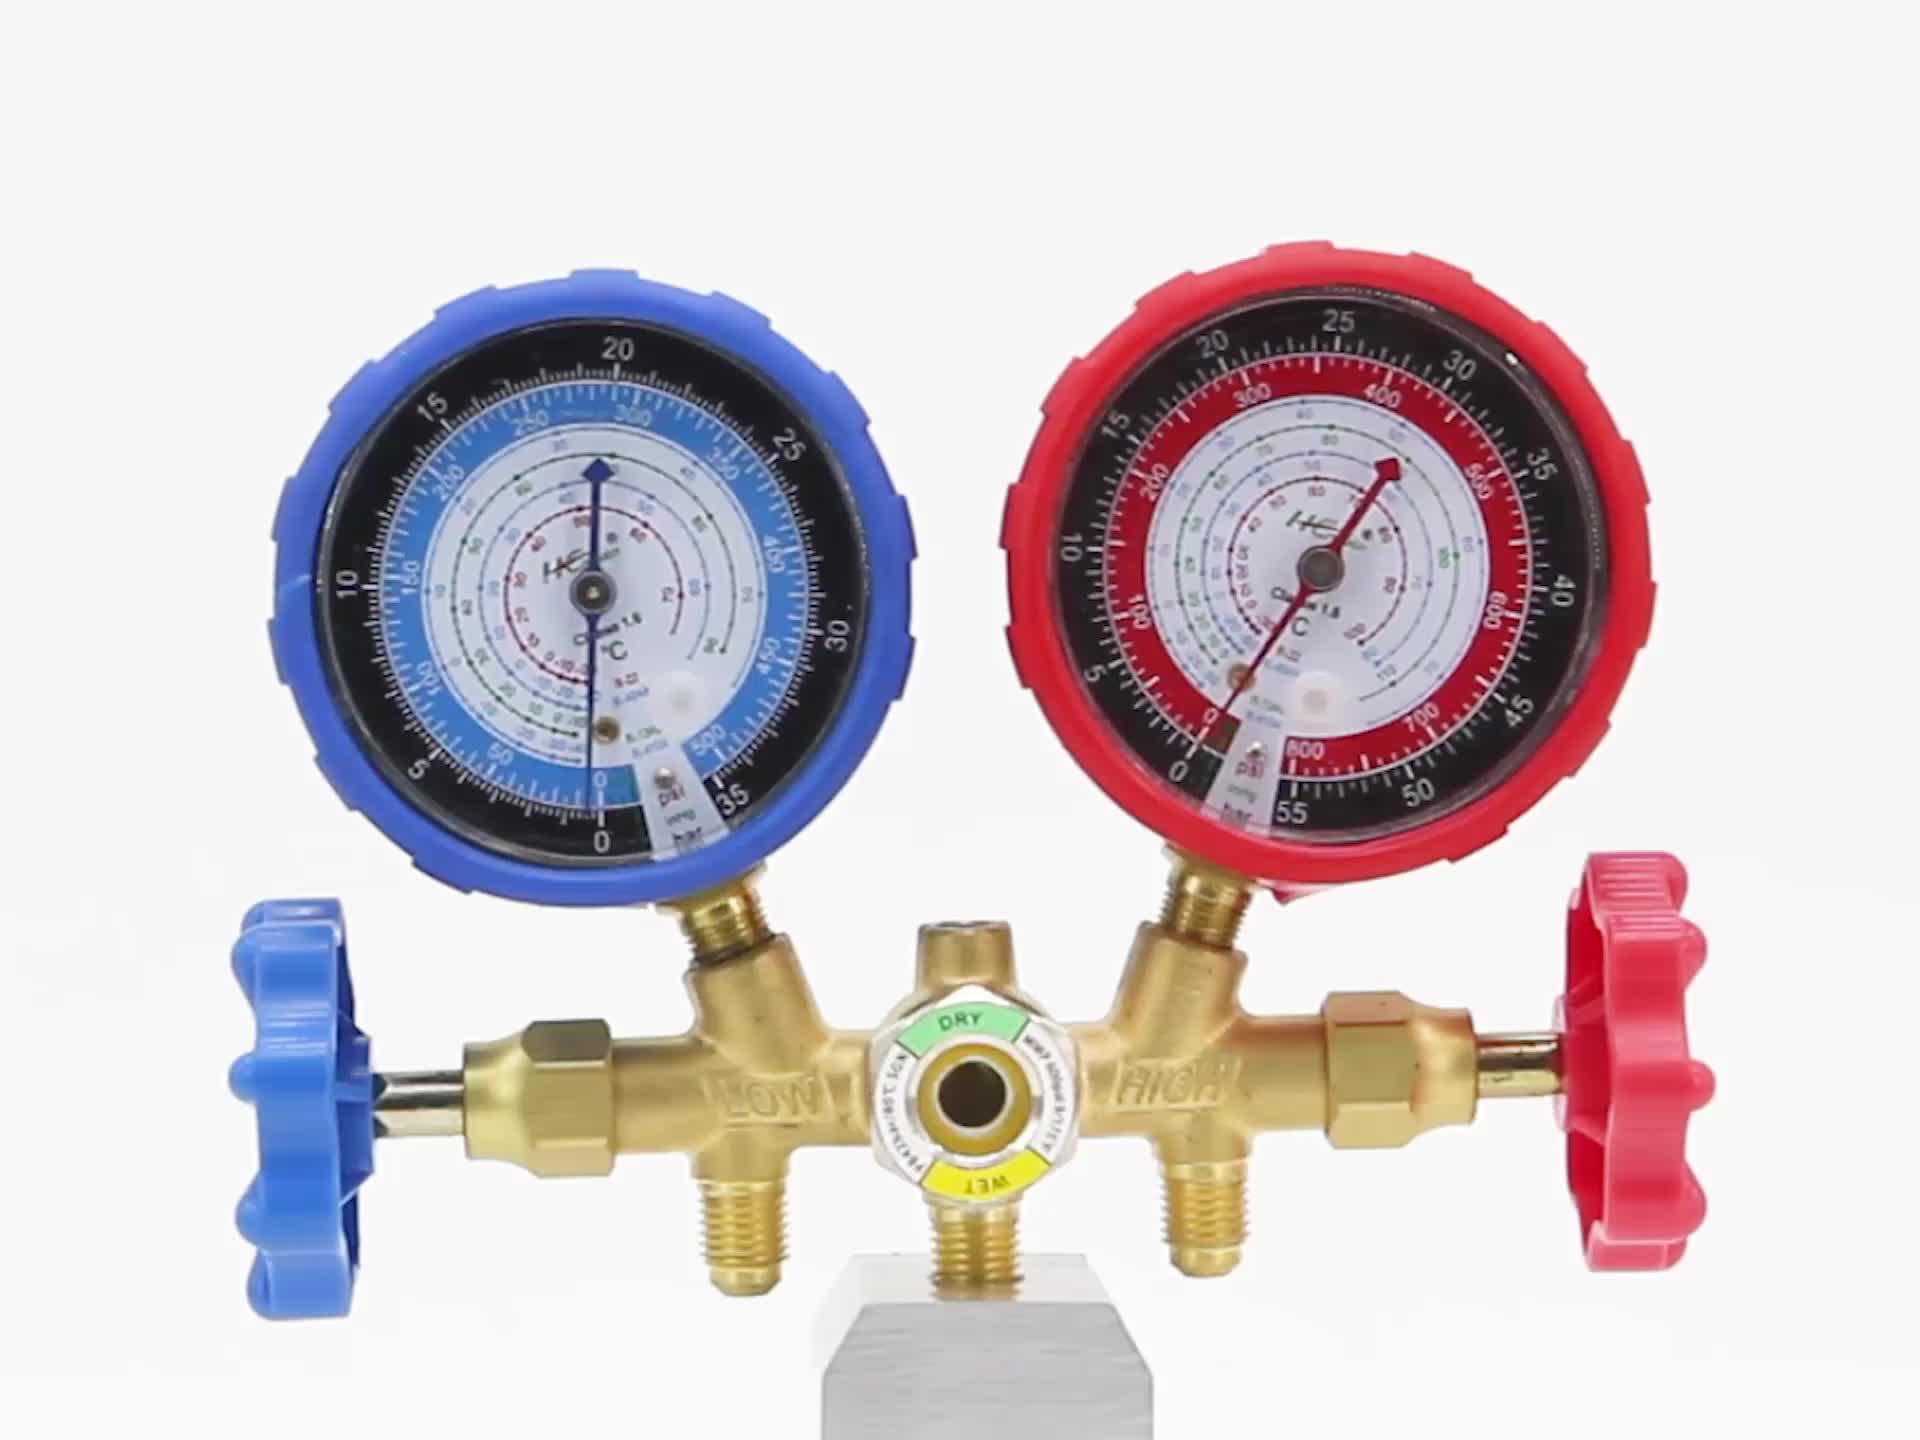 Lạnh thử nghiệm áp suất đường ống đôi đo set meter lạnh